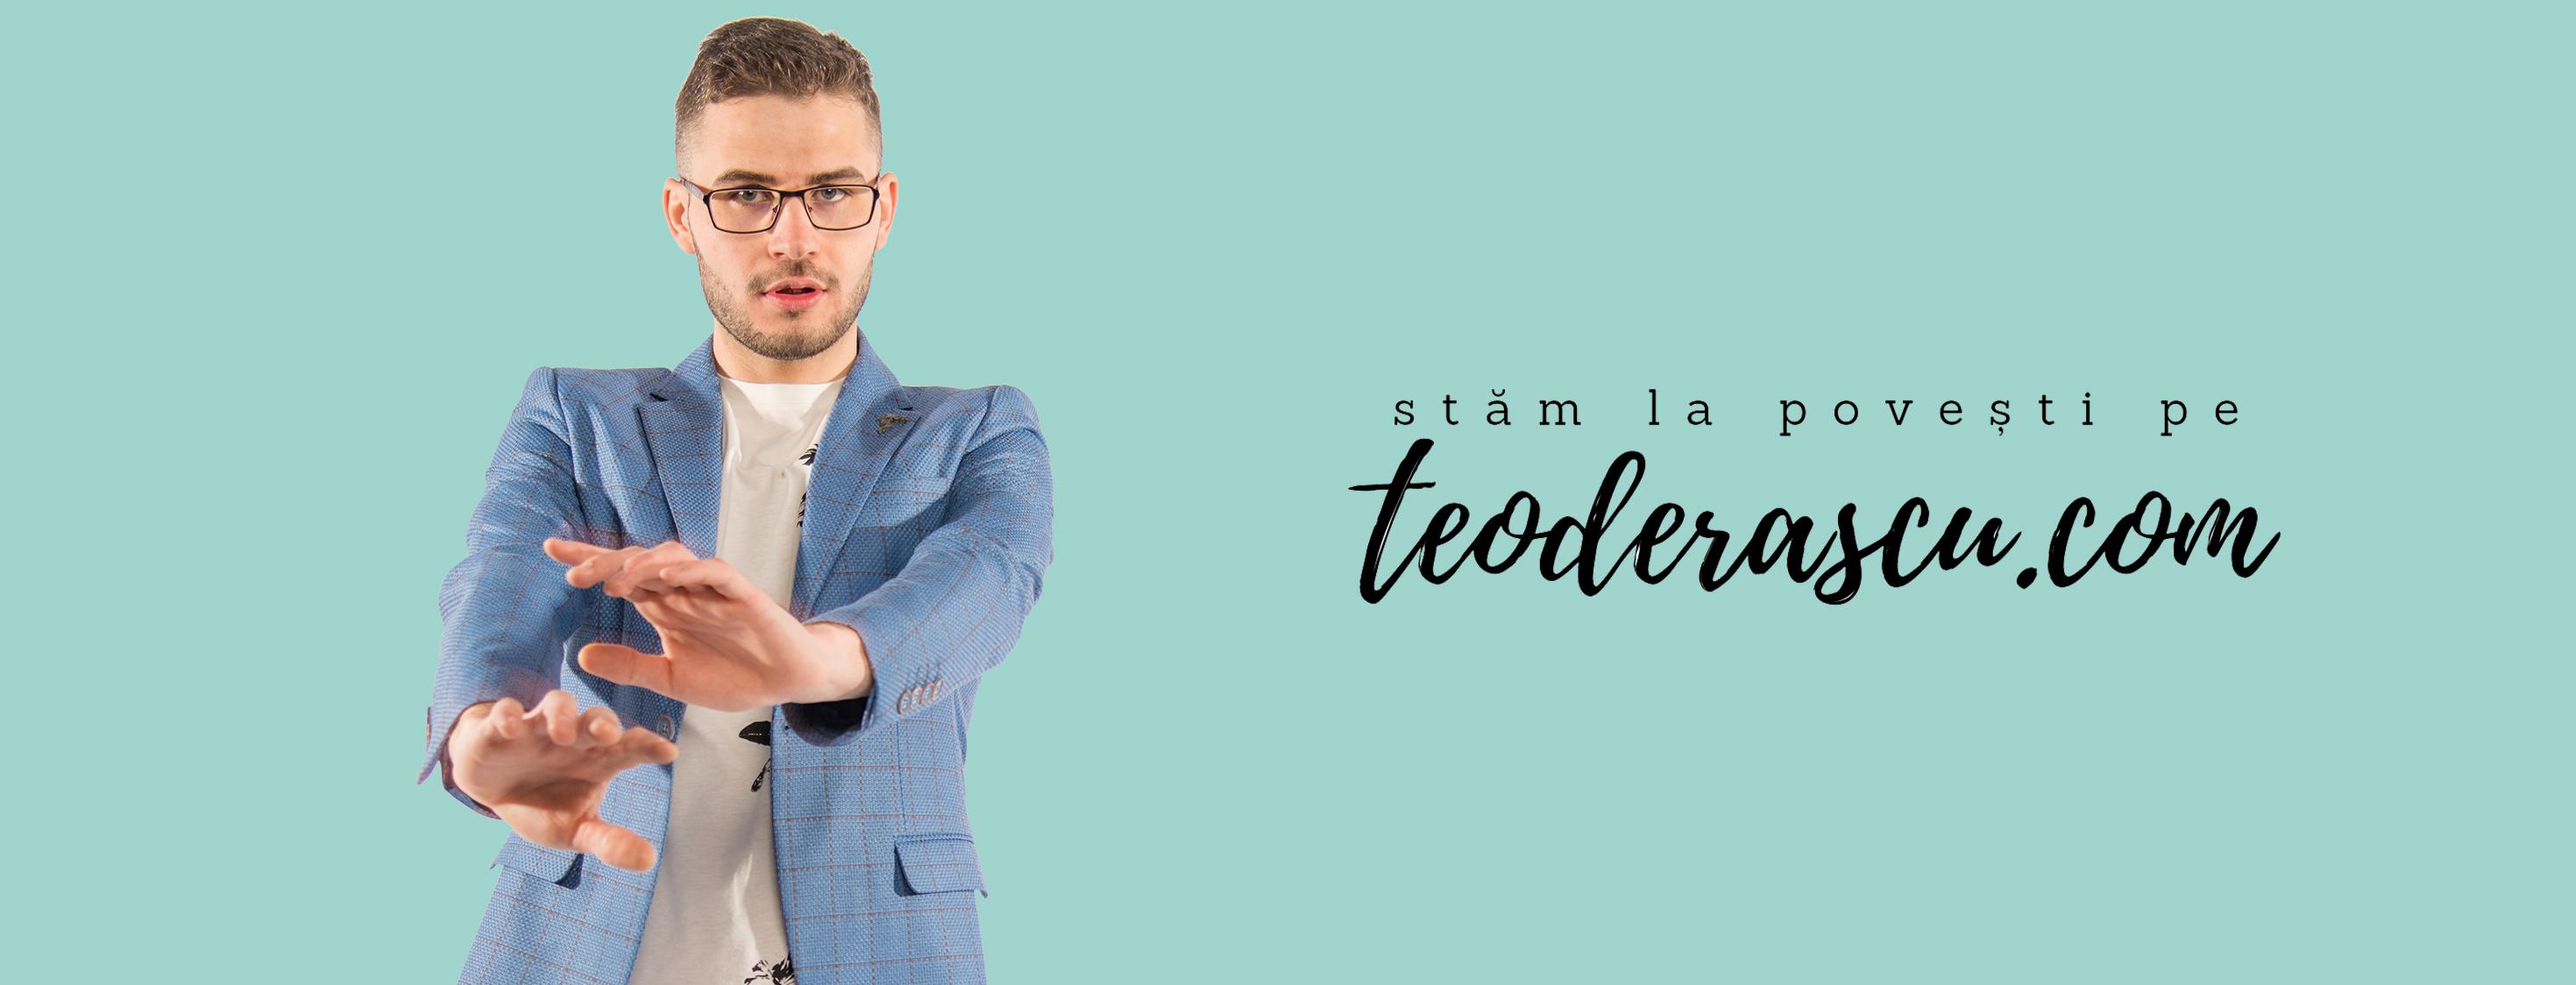 cover teoderascu.com